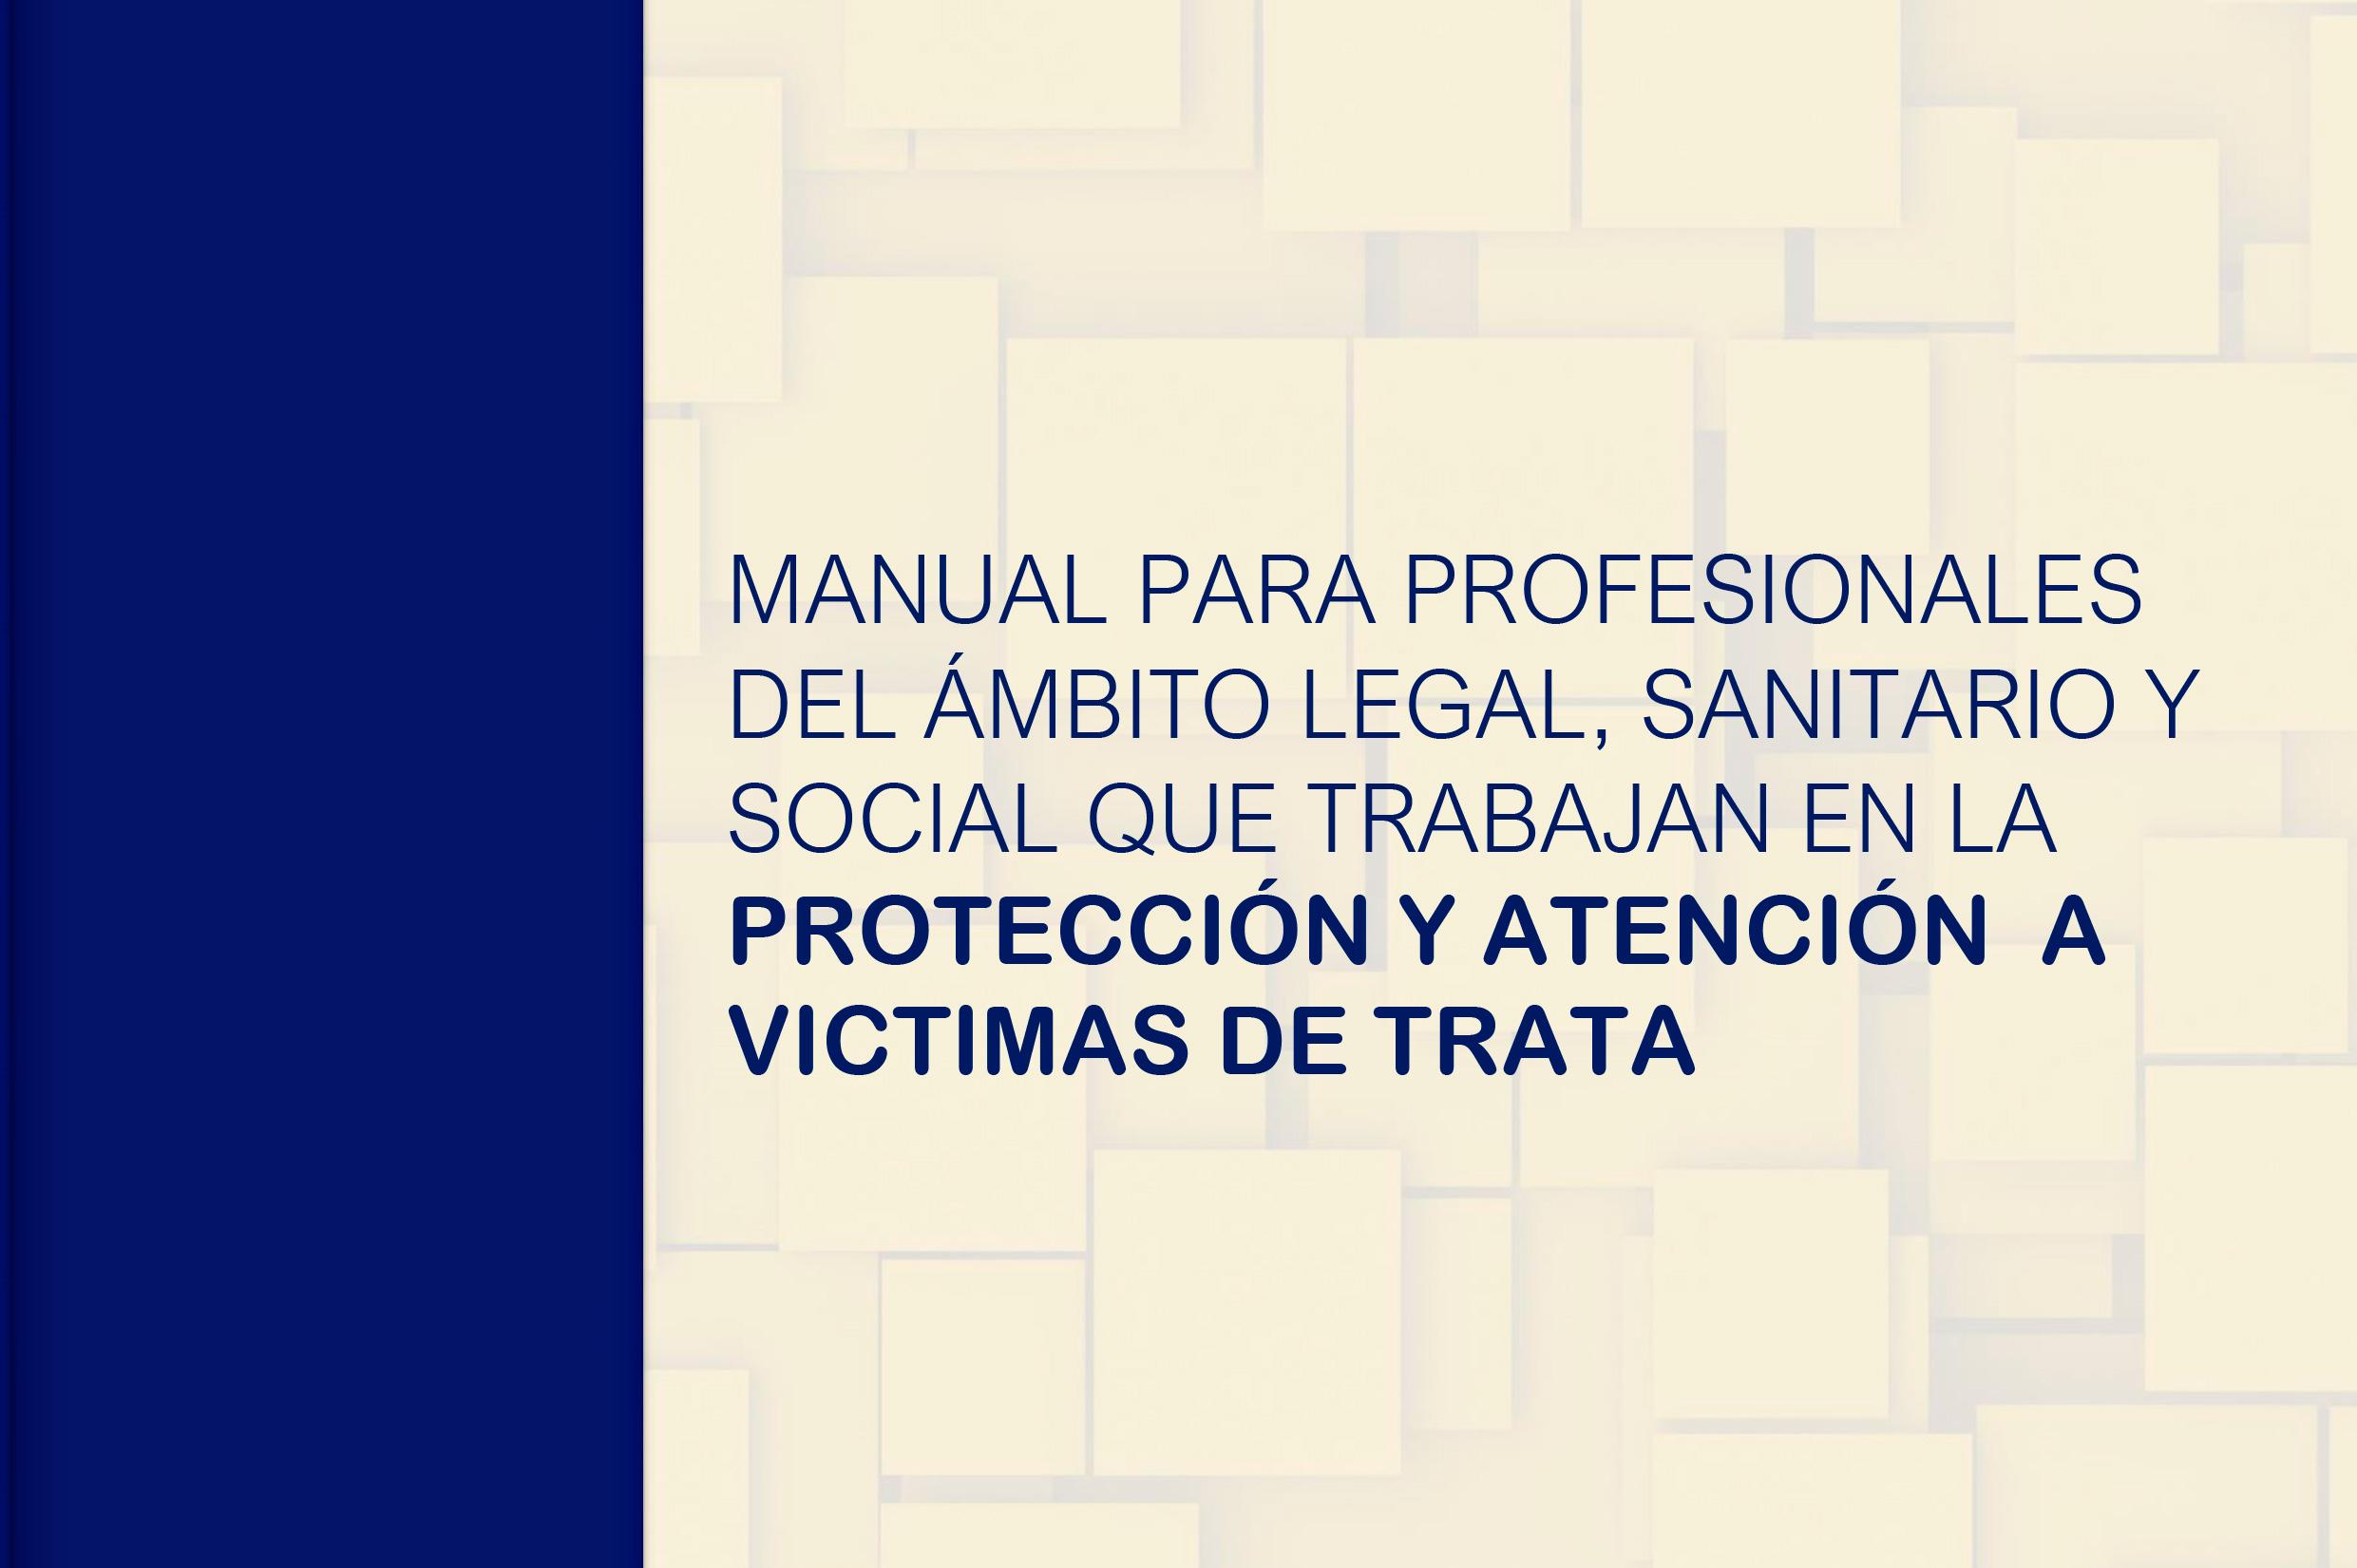 Imagen 3 Manual para profesionales del ámbito legal, sanitario y social que trabajan en la protección y atención a víctimas de trata